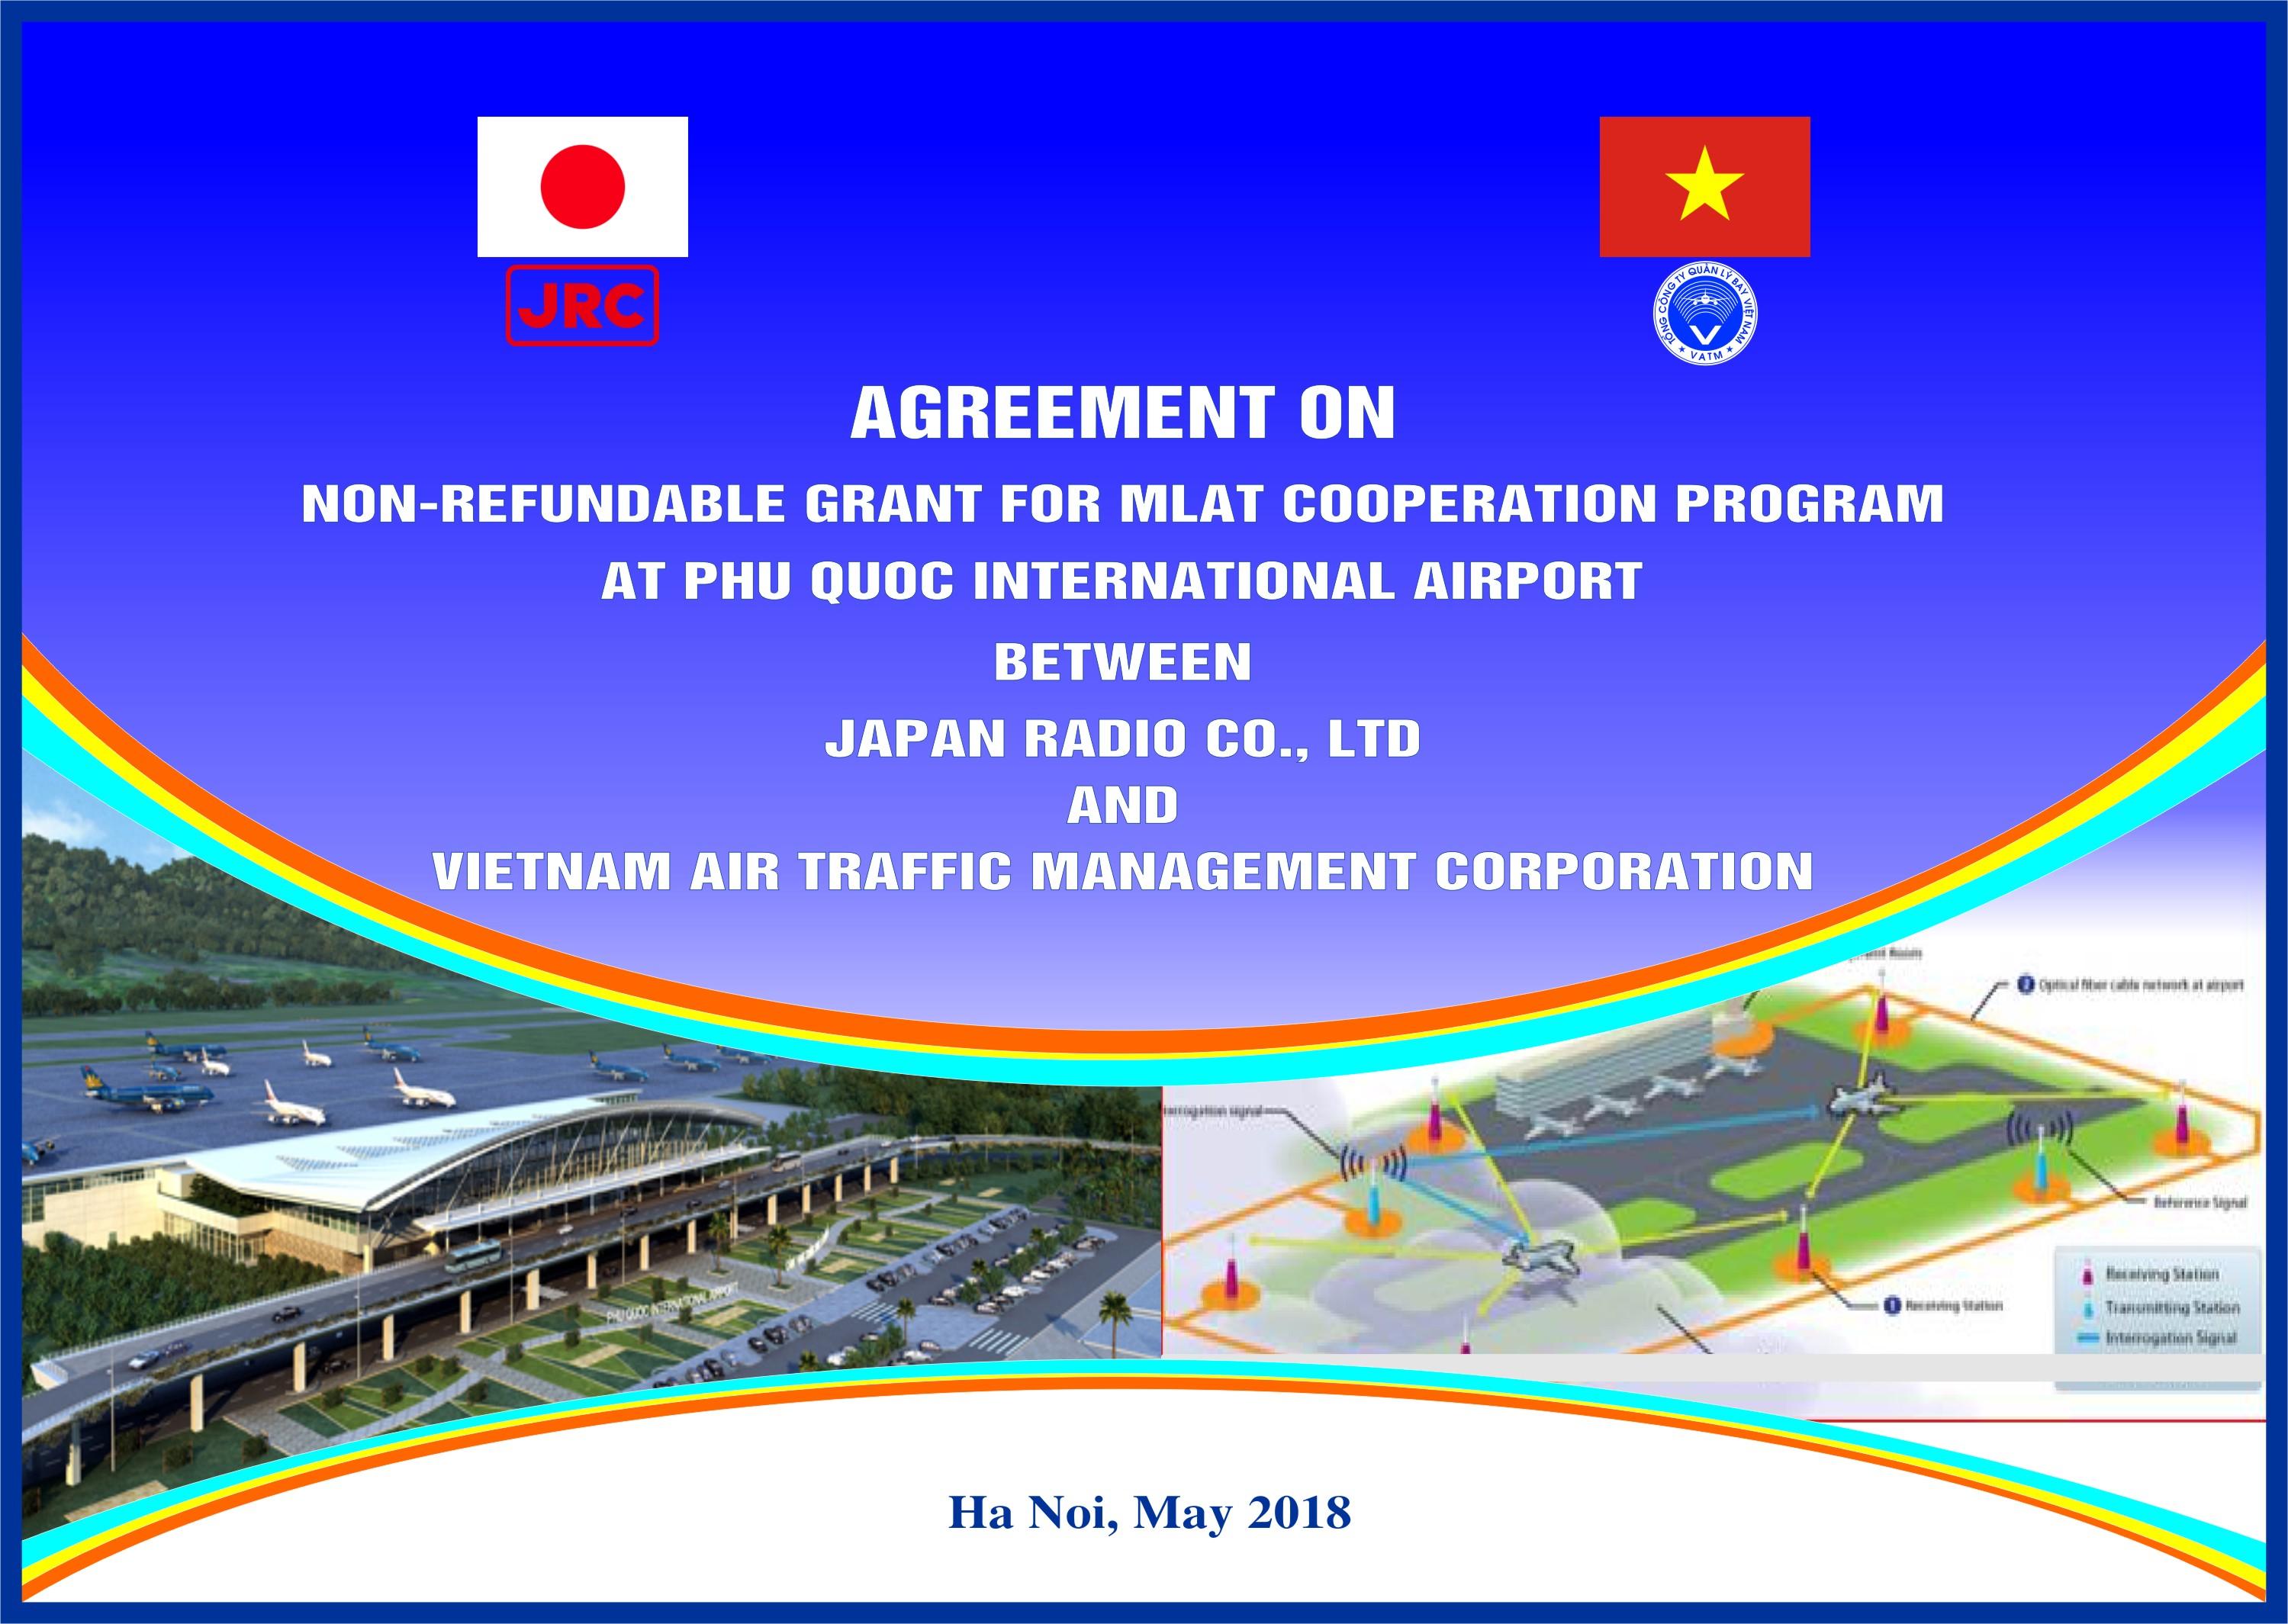 Thông tin báo chí về việc ký thỏa thuận tài trợ giữa Tổng công ty Quản lý bay Việt Nam và Công ty Japan Radio Co., Ltd Nhật Bản